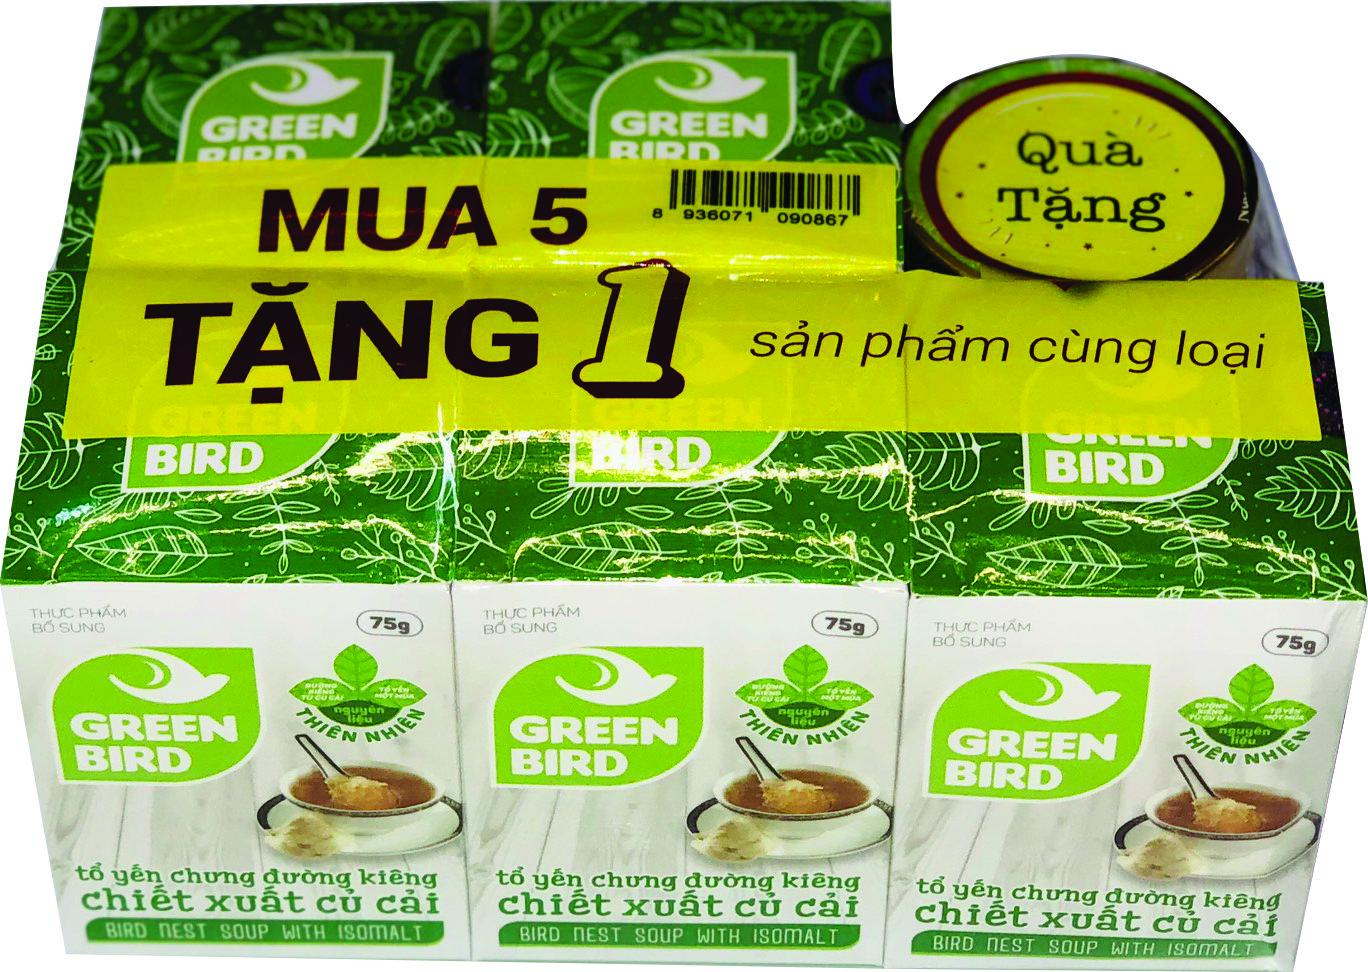 Nước yến chưng đường ăn kiêng Green Bird - mua 5 tặng 1 hũ 75gr